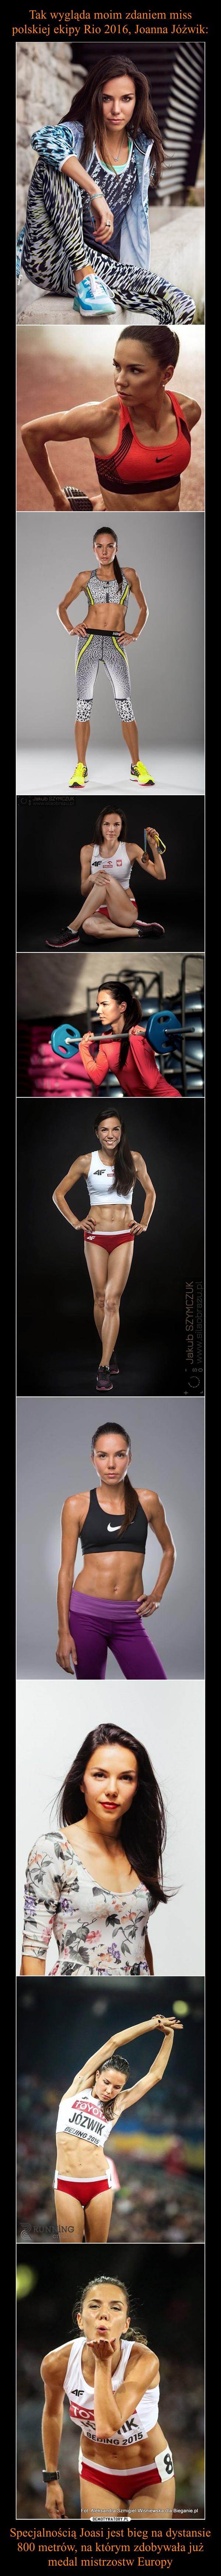 Specjalnością Joasi jest bieg na dystansie 800 metrów, na którym zdobywała już medal mistrzostw Europy –